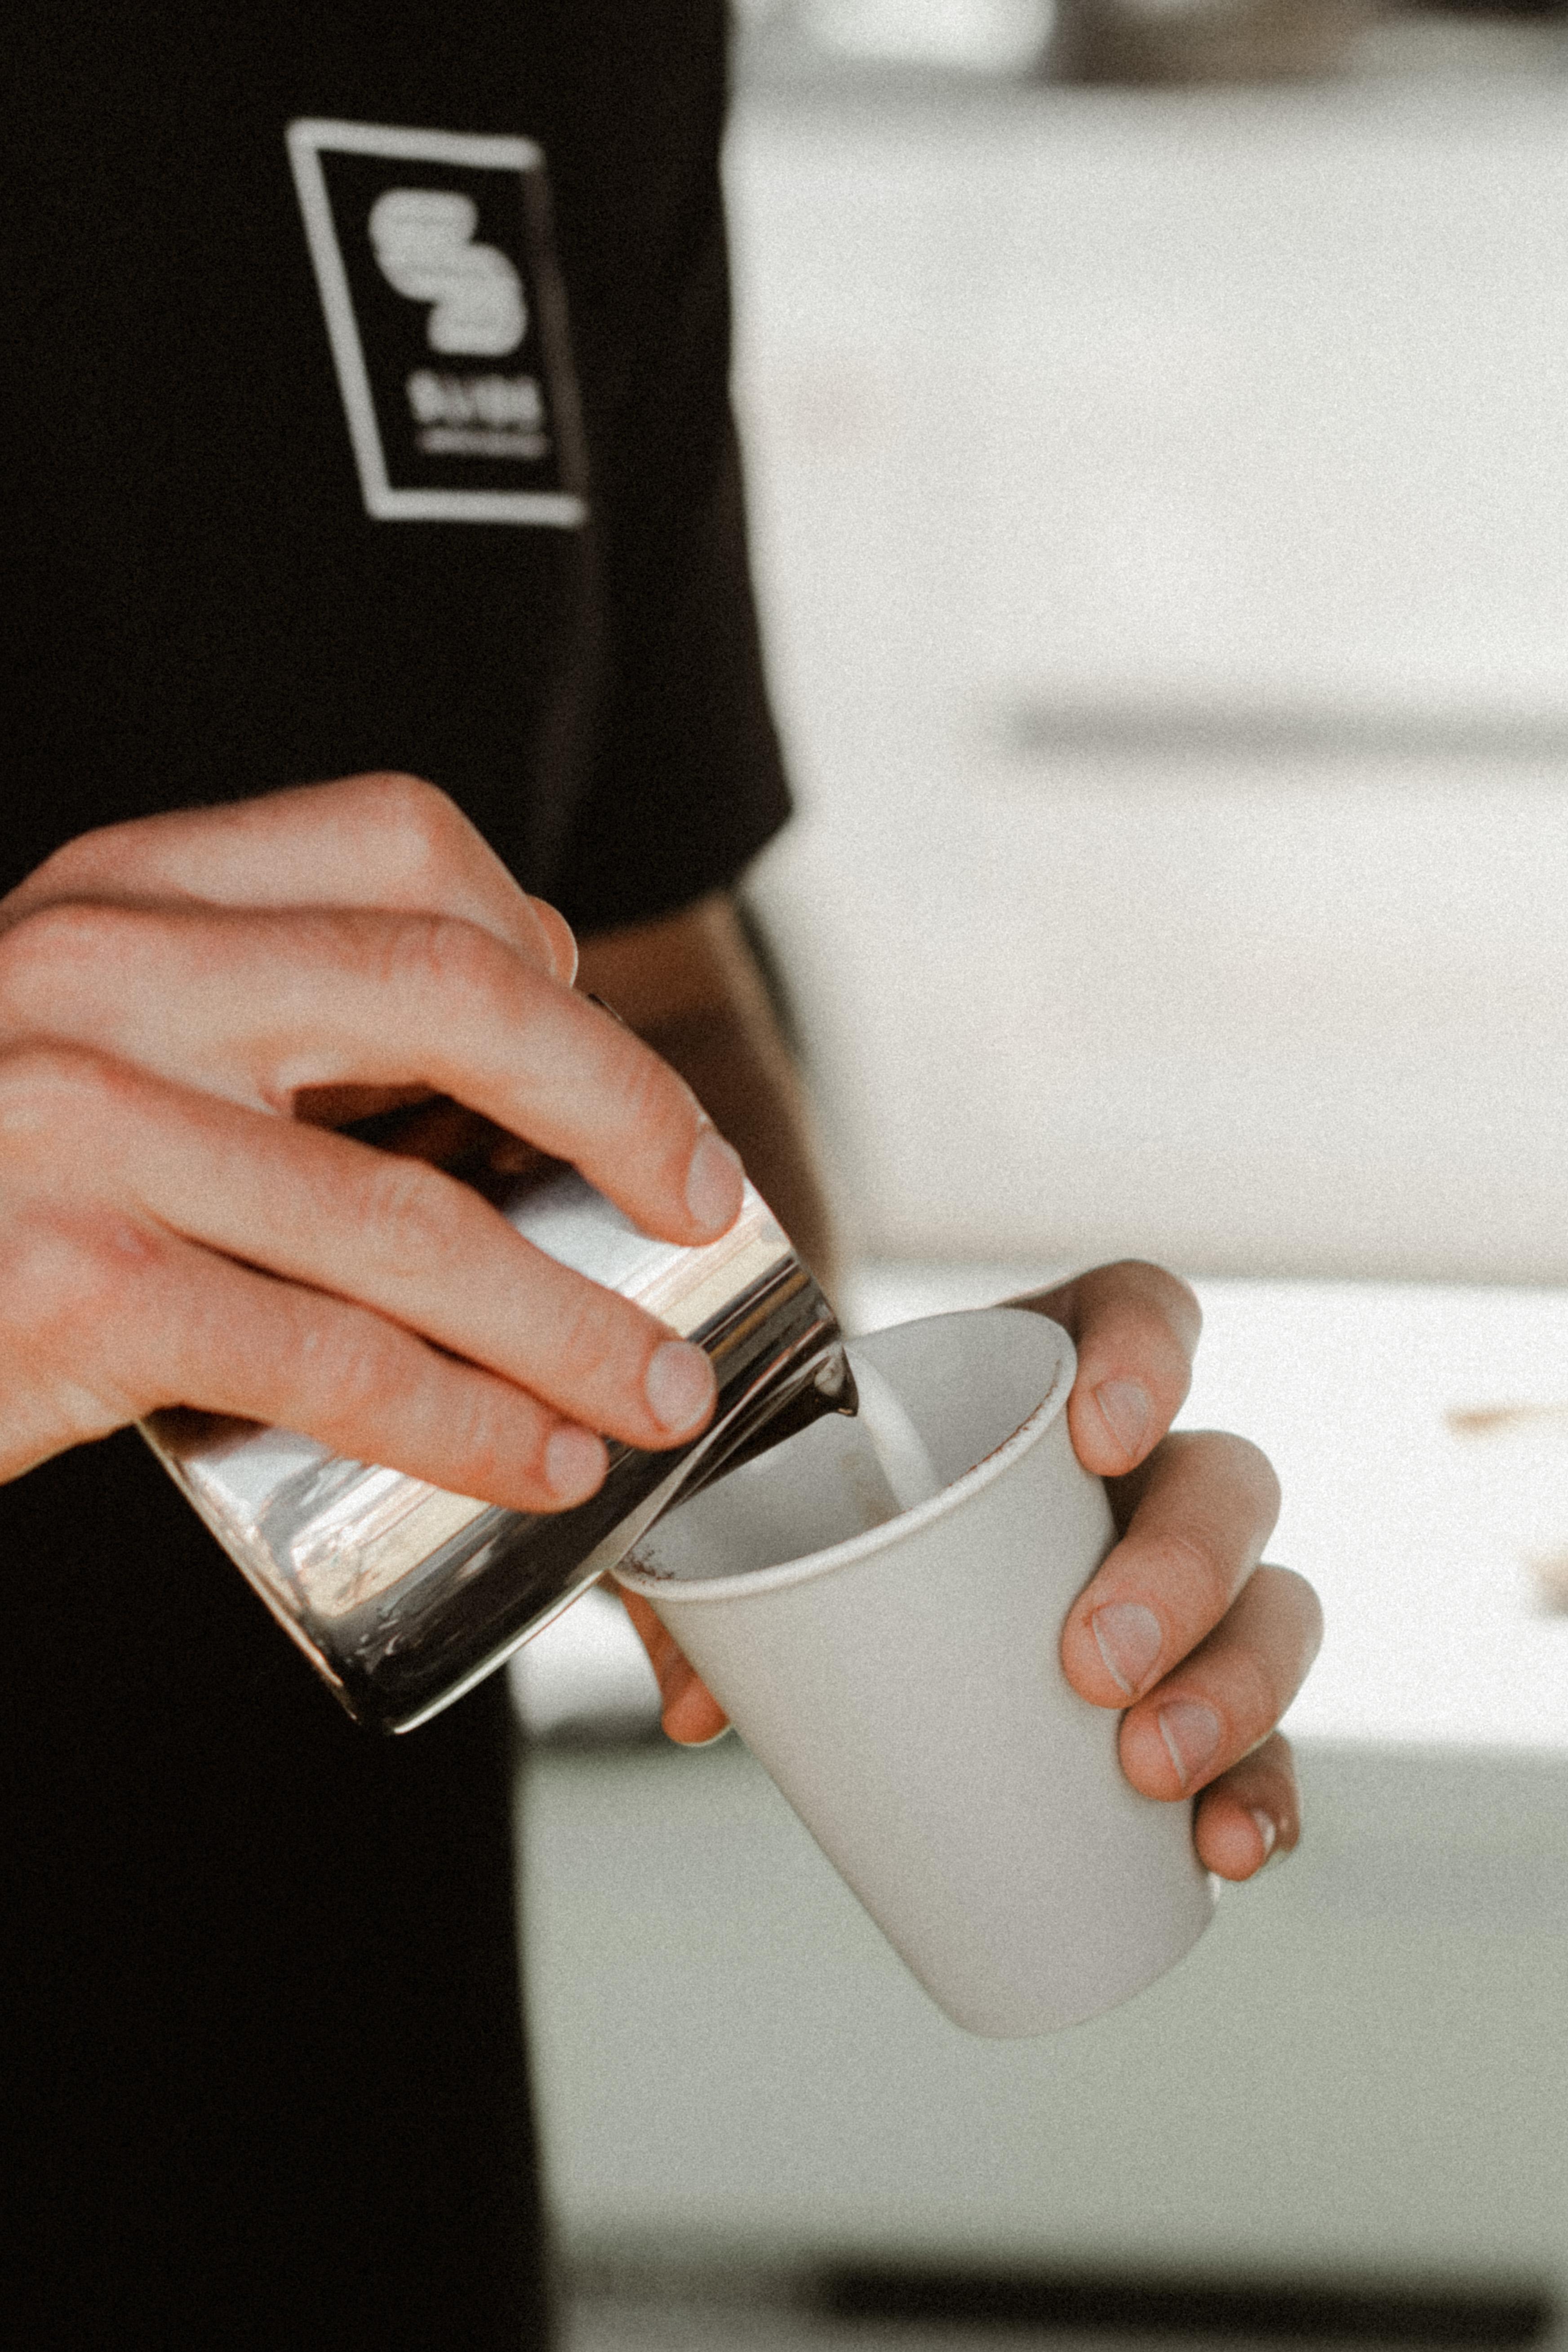 Slide coffee roasters making coffee